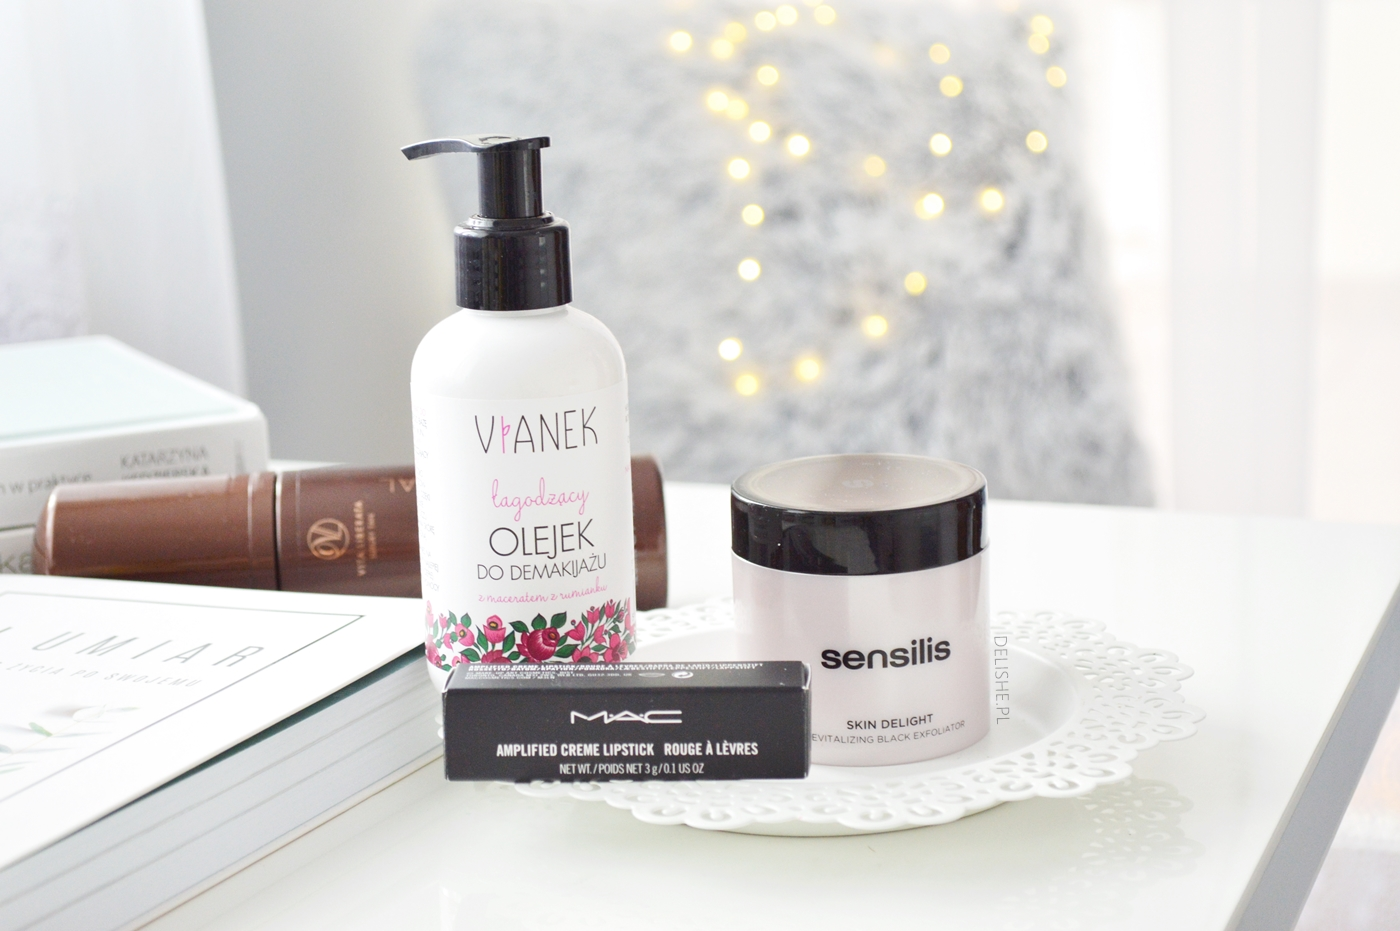 zakupy kosmetyczne i nowości: Mac, Vianek, Sensilis